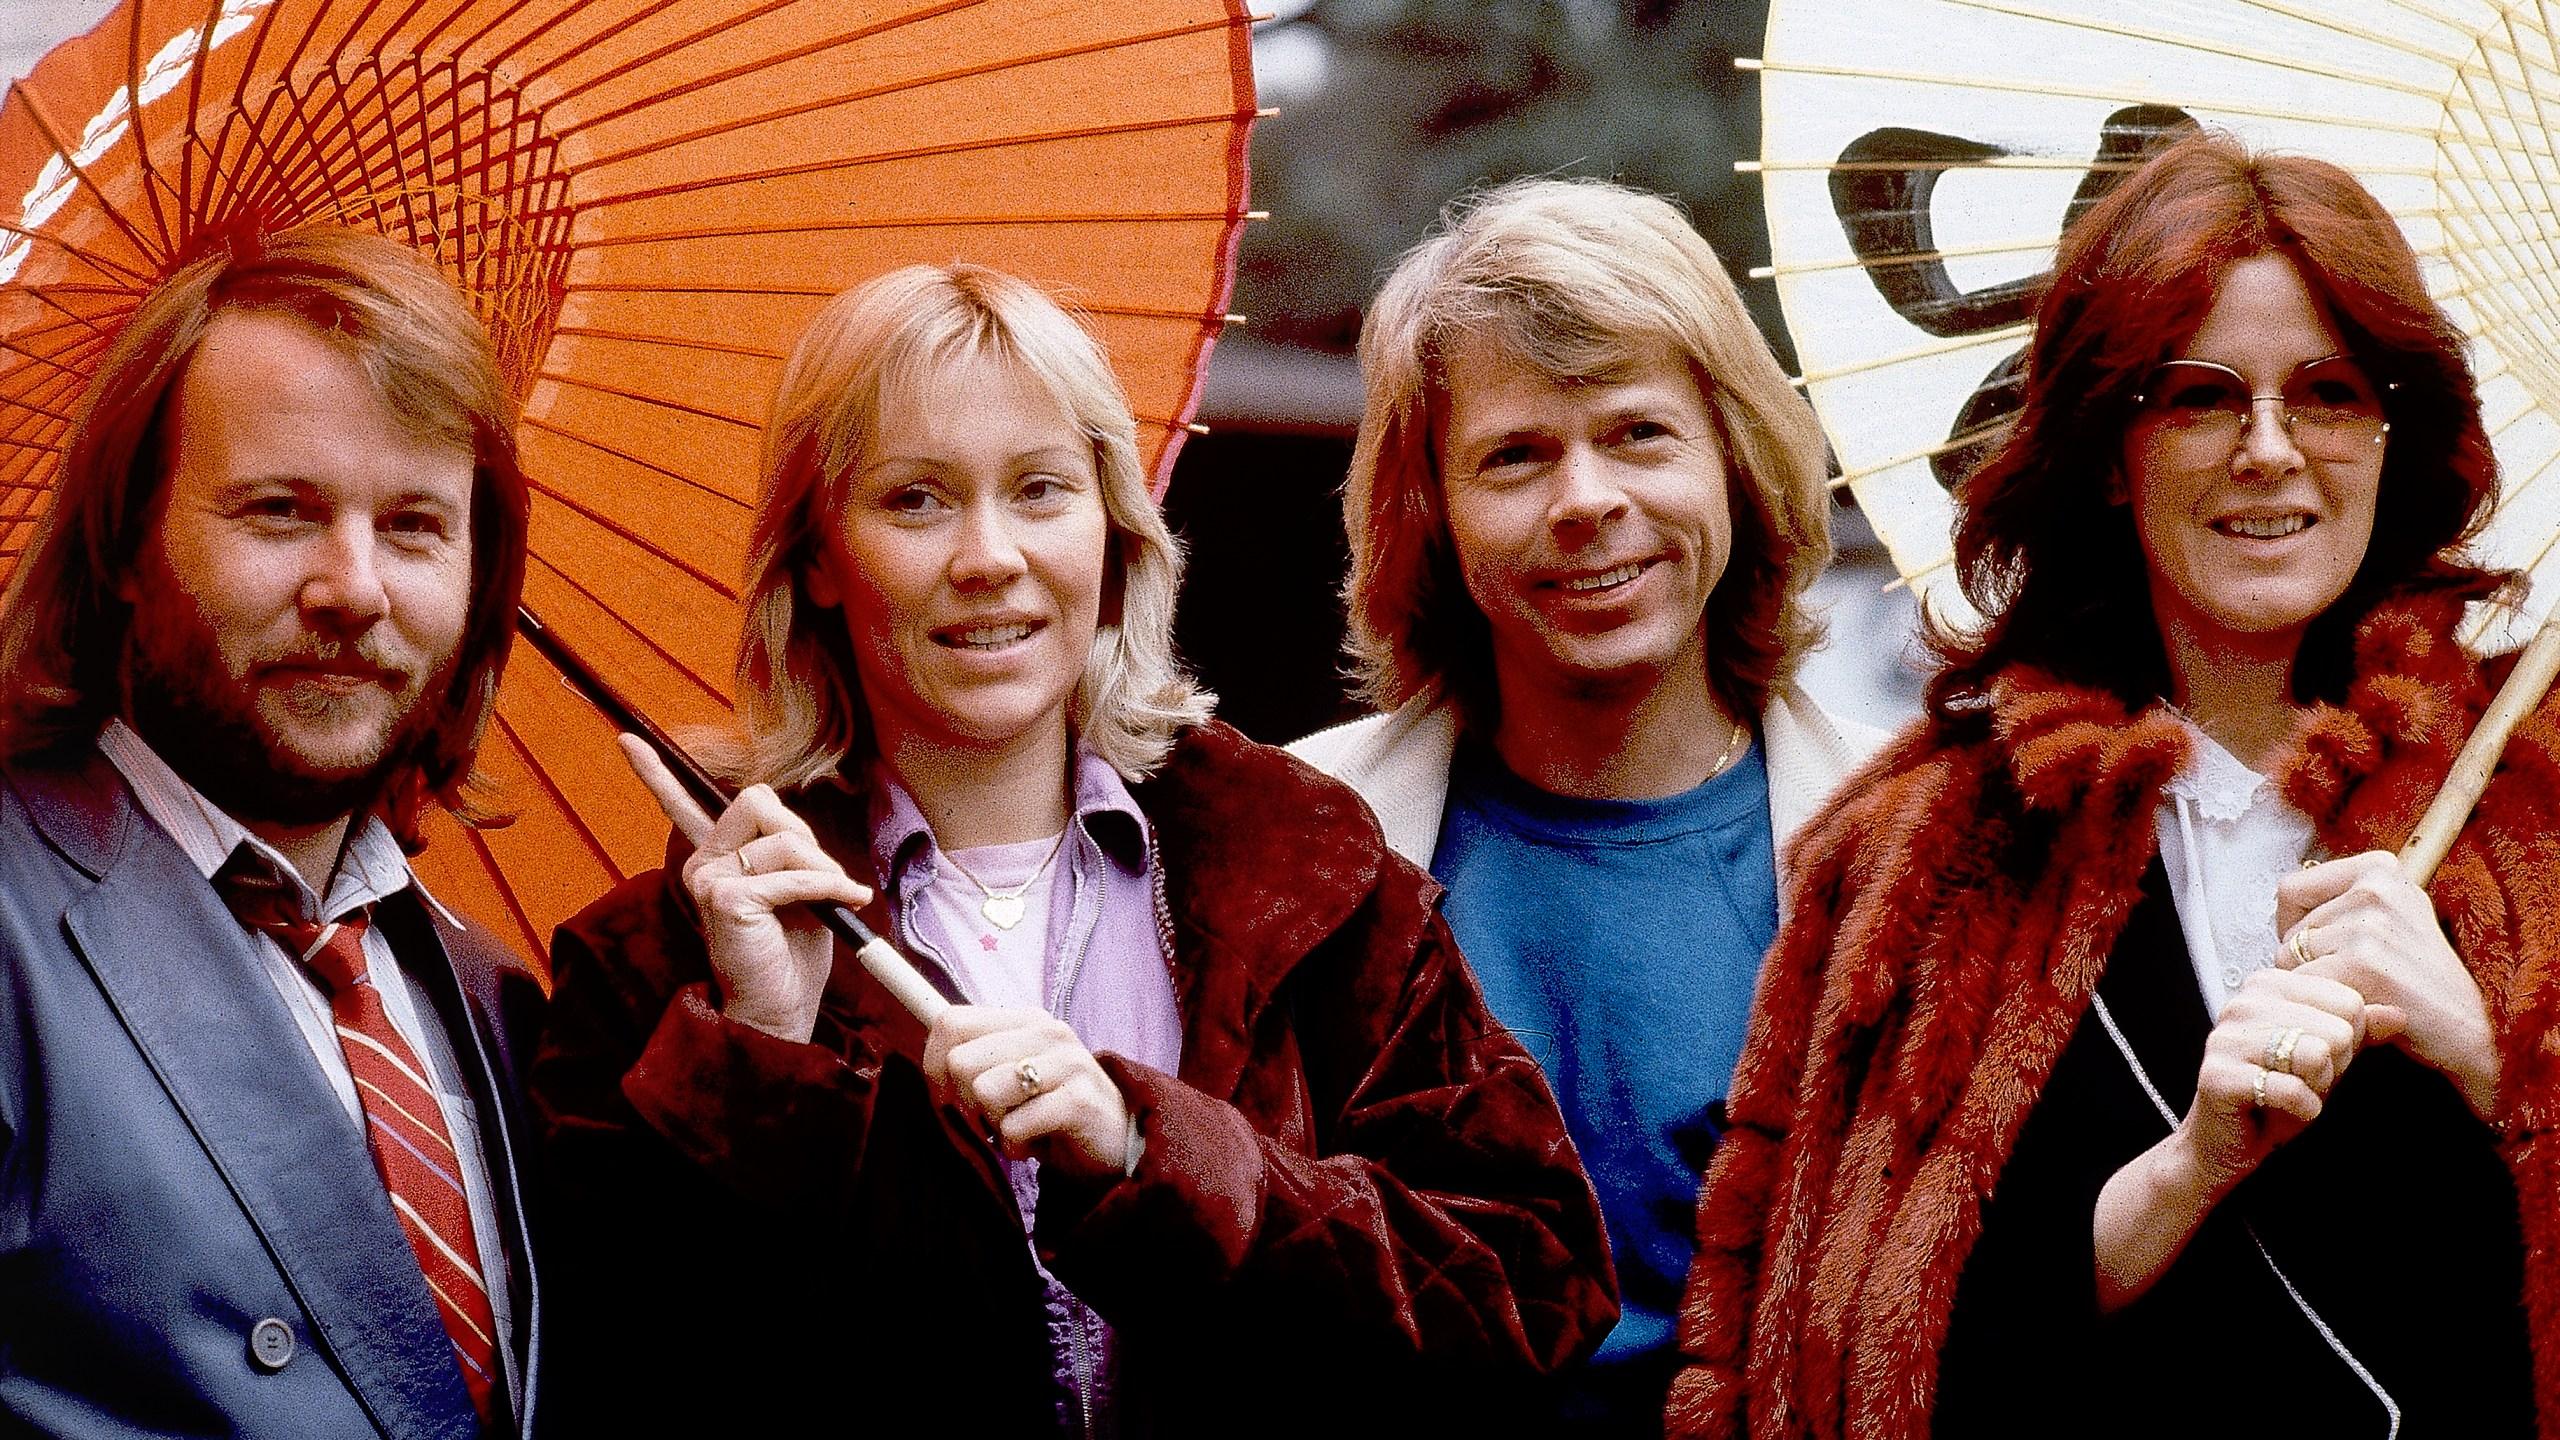 Benny Andersson, Agnetha Foltskog, Bjorn Ulvaeus, Anni-Frid Lyngstad